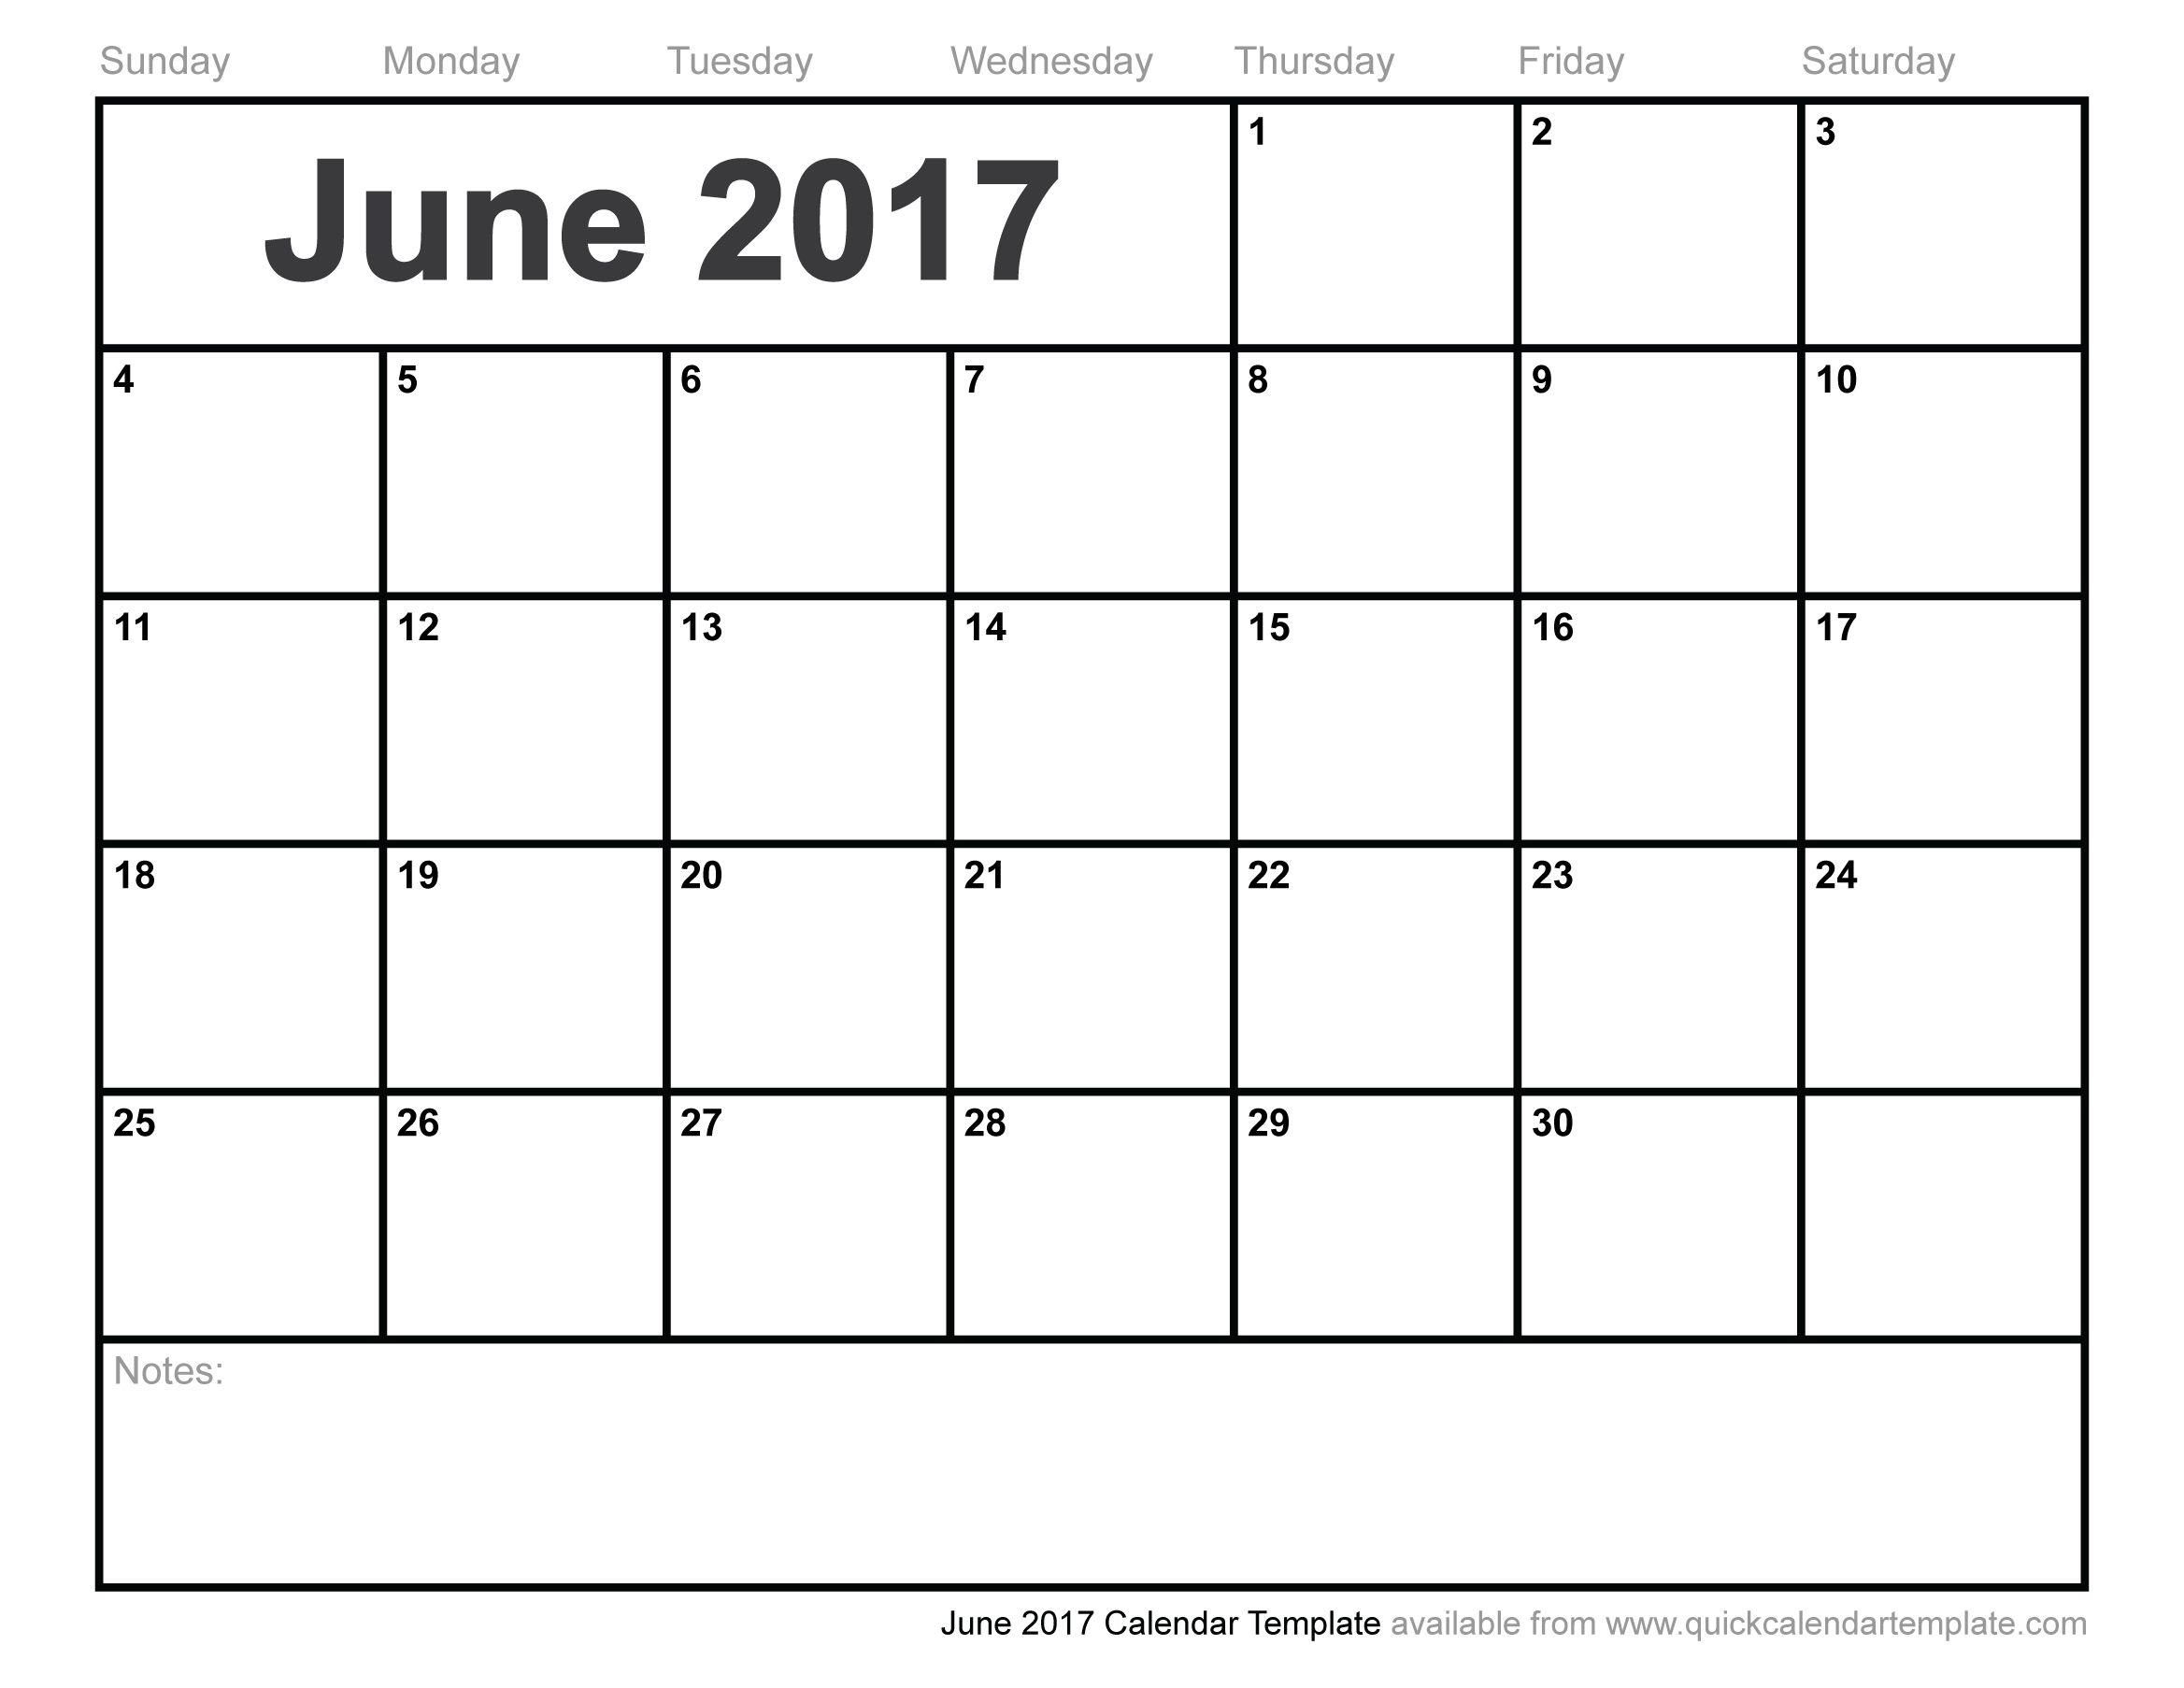 june 2017 calendar page   June 2017 Calendar   Pinterest   Daily ...